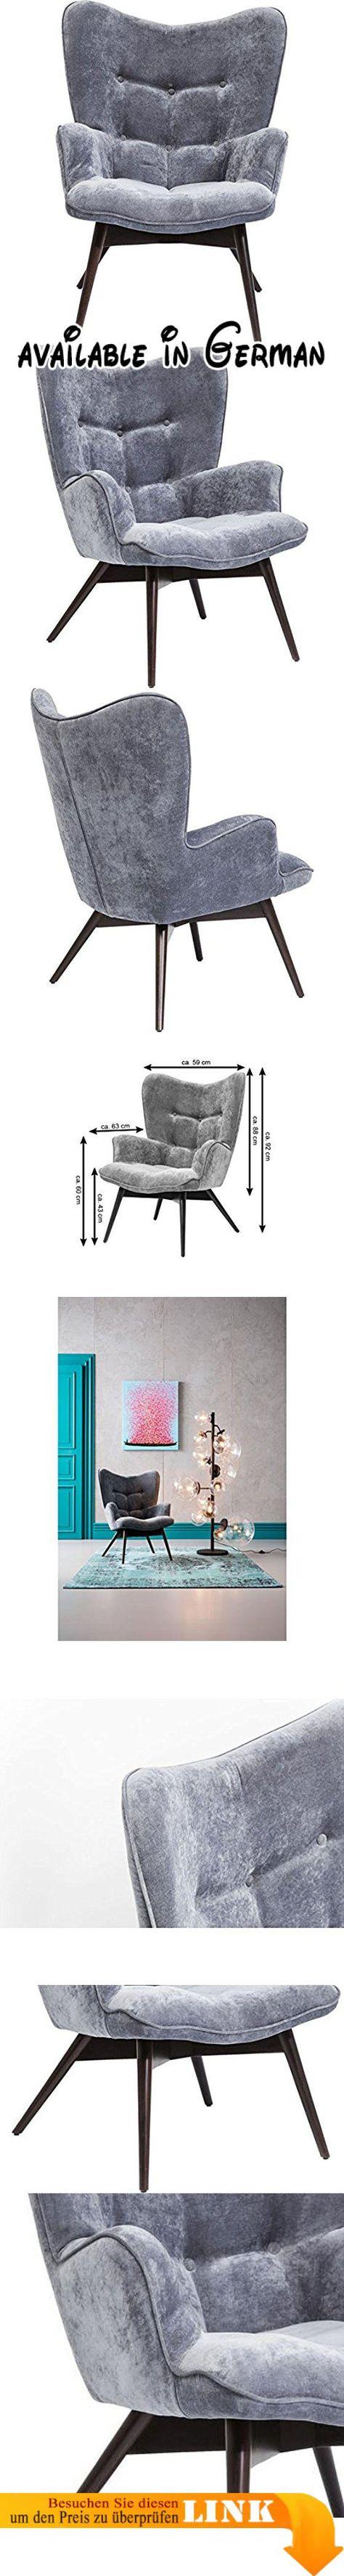 Schön Peaceful Design Xxl Sessel Ideen - Die Designideen für ...